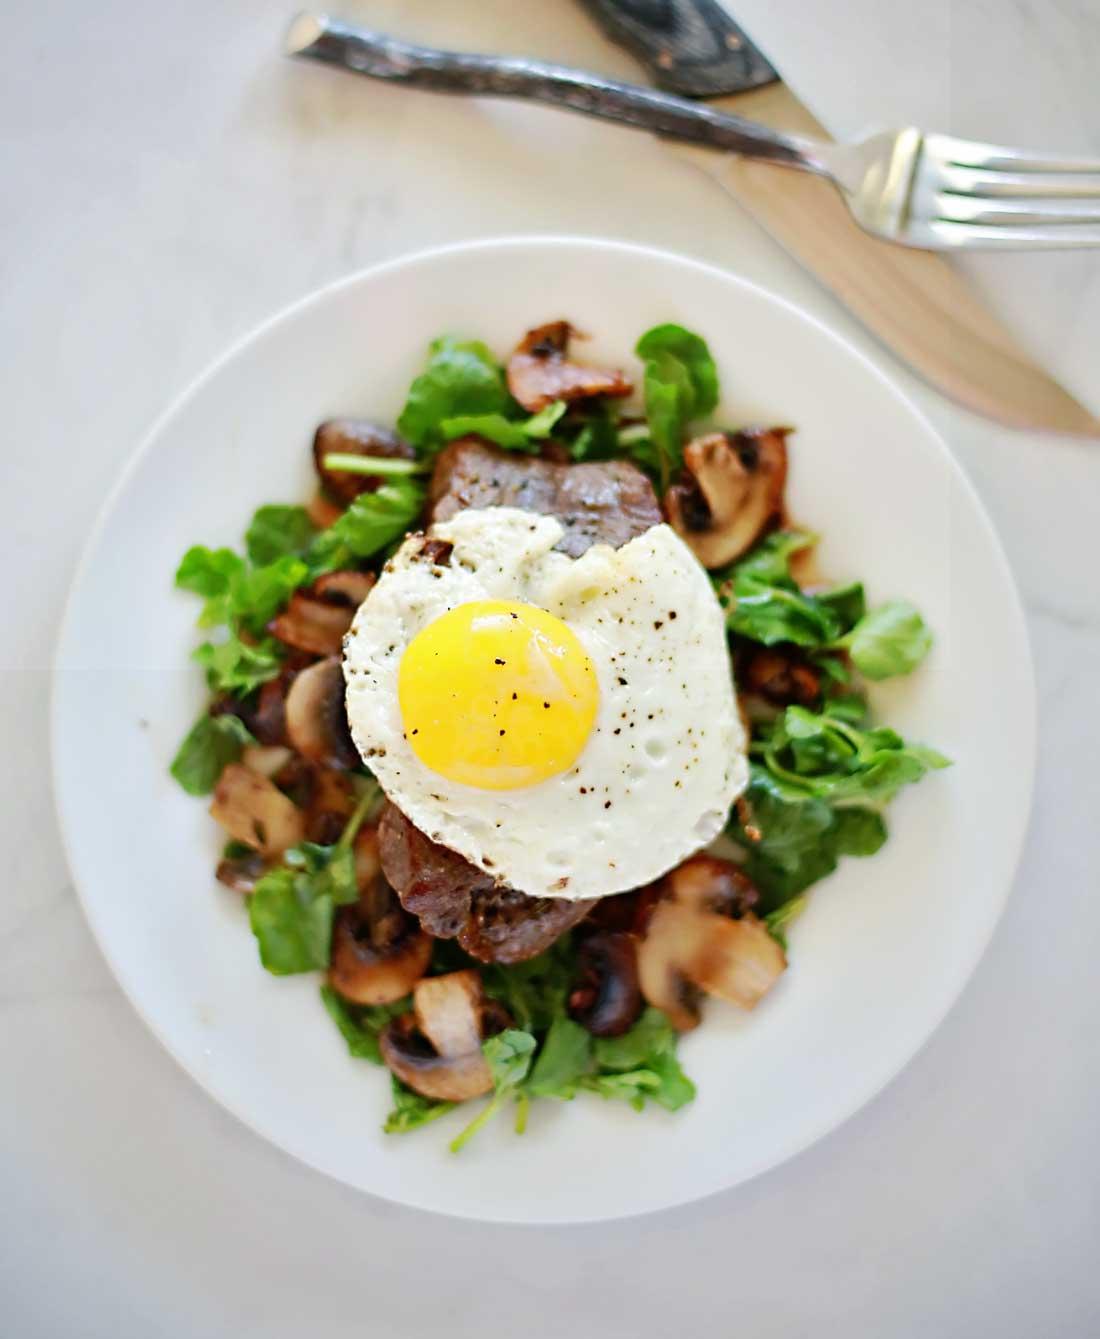 Steak and Eggs on a mushroom watercress salad!